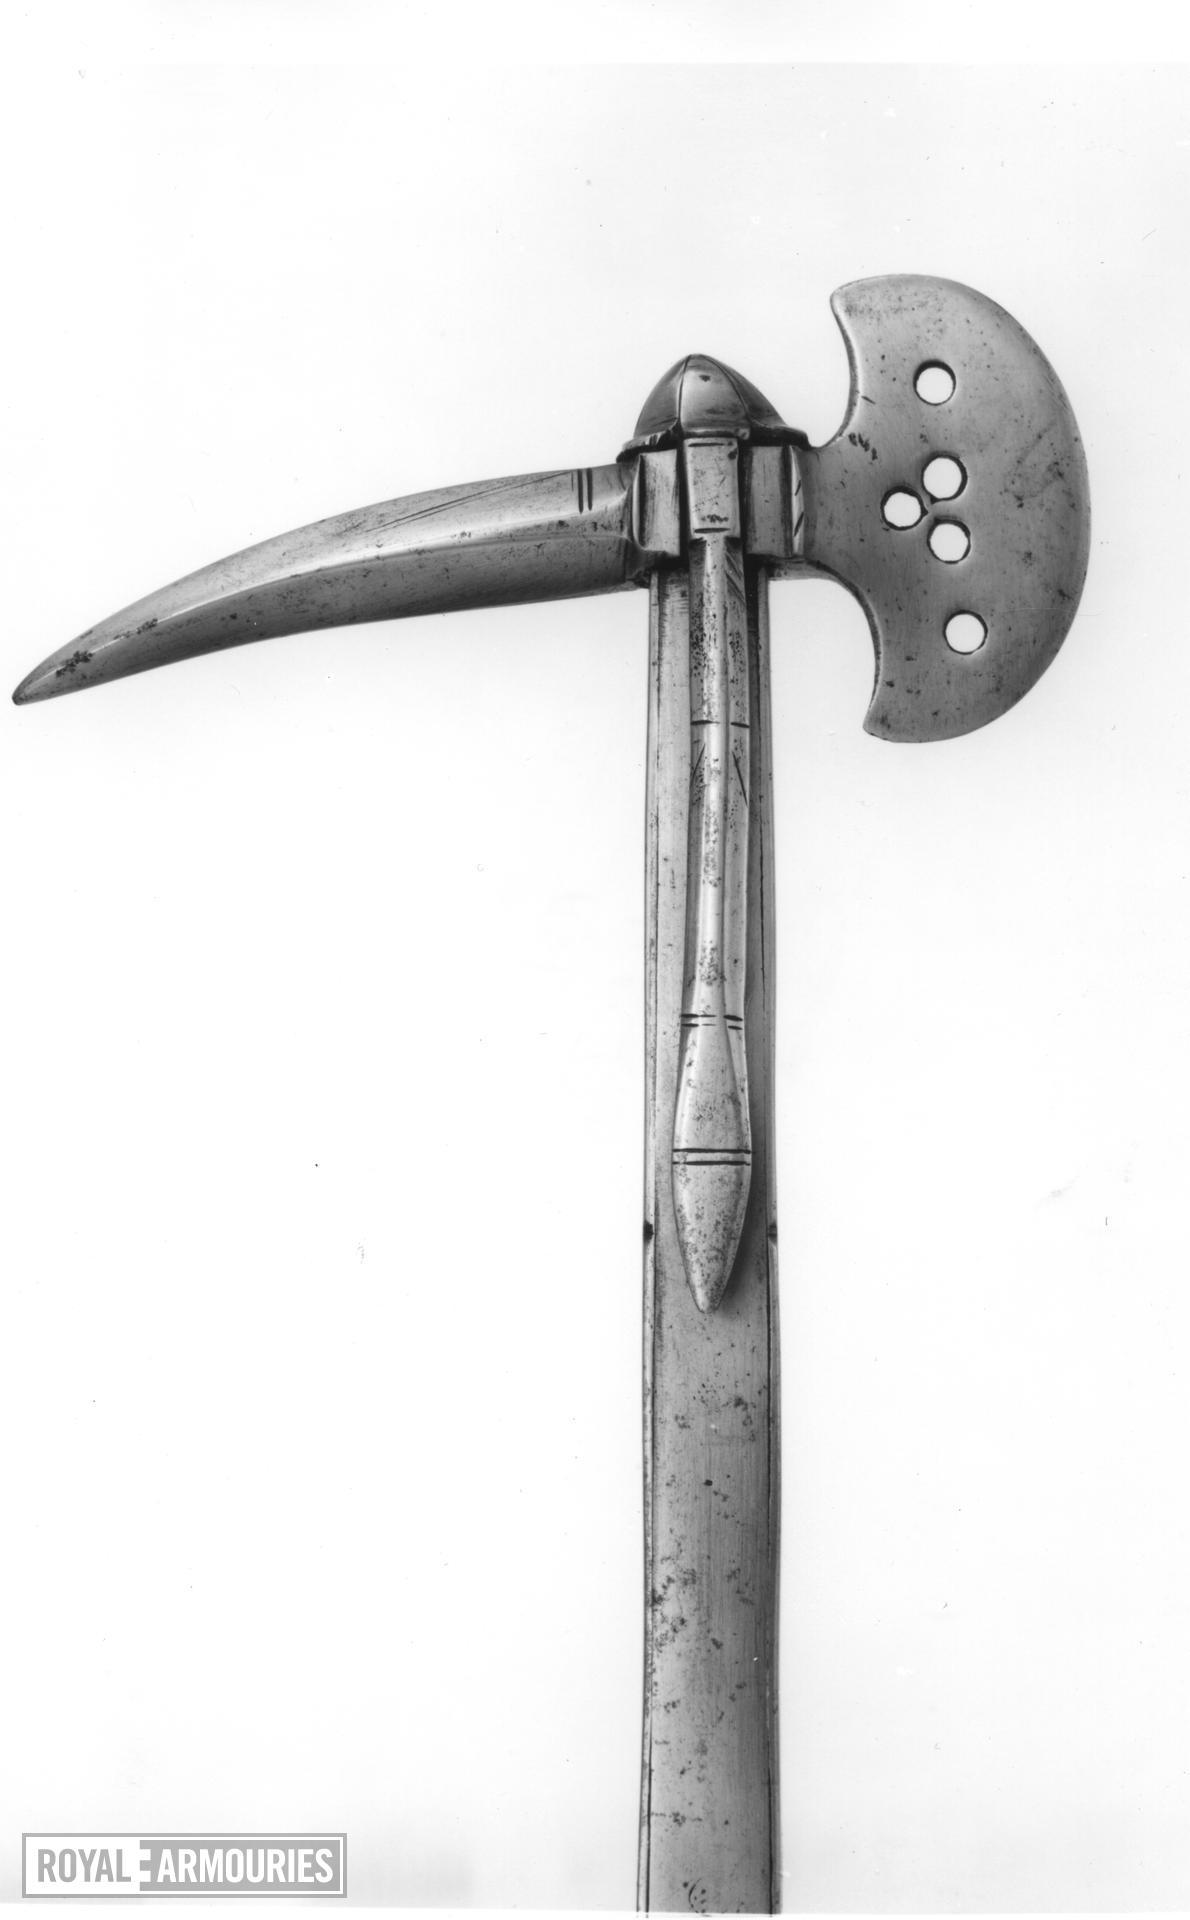 Axe Horseman's axe